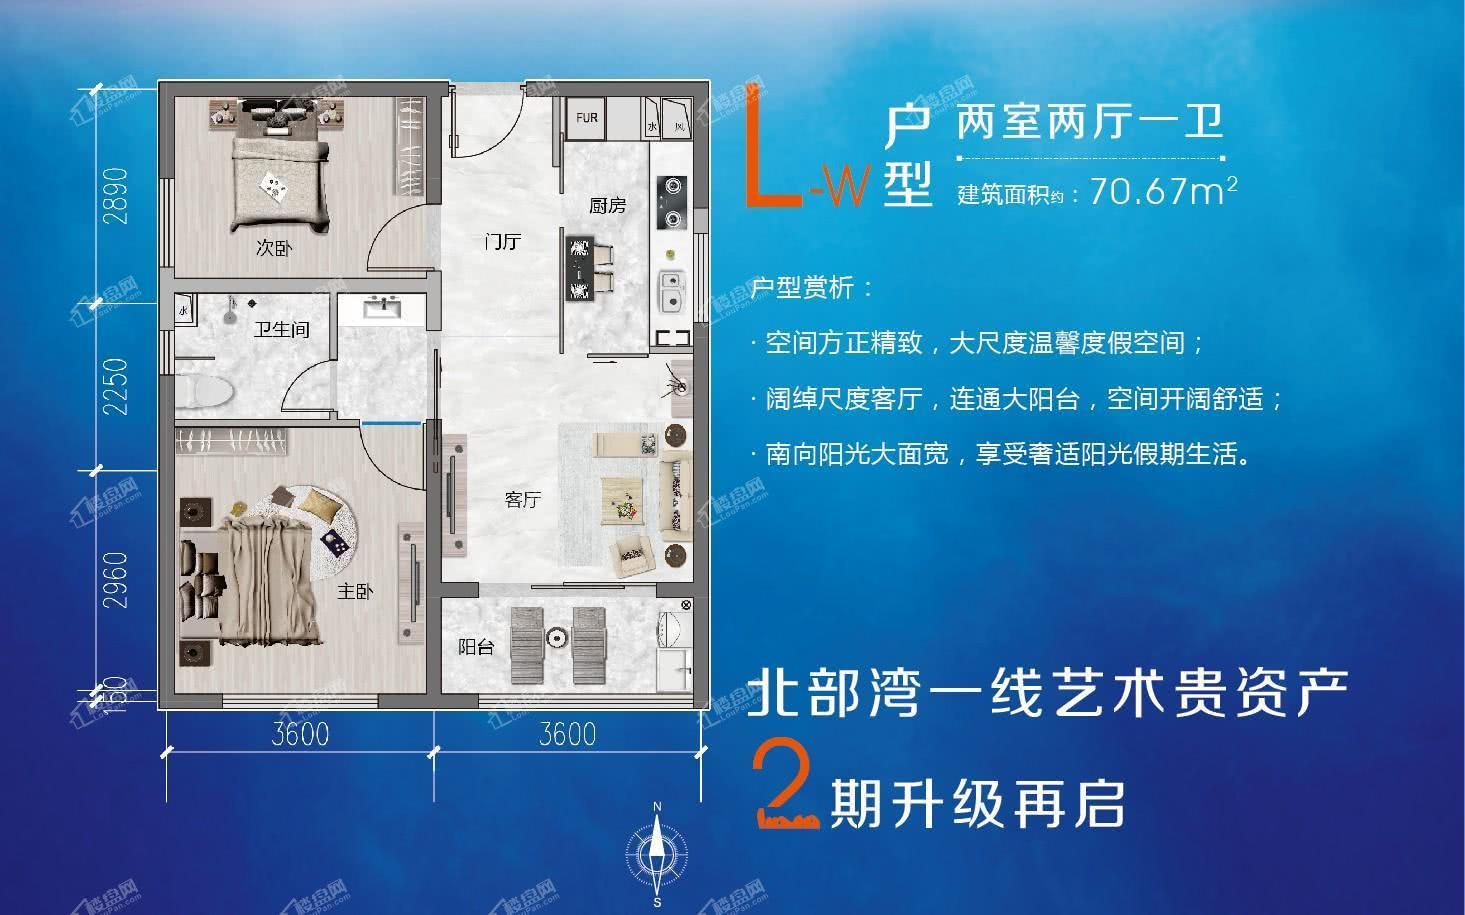 L-w户型 两房两厅一卫 70.67㎡